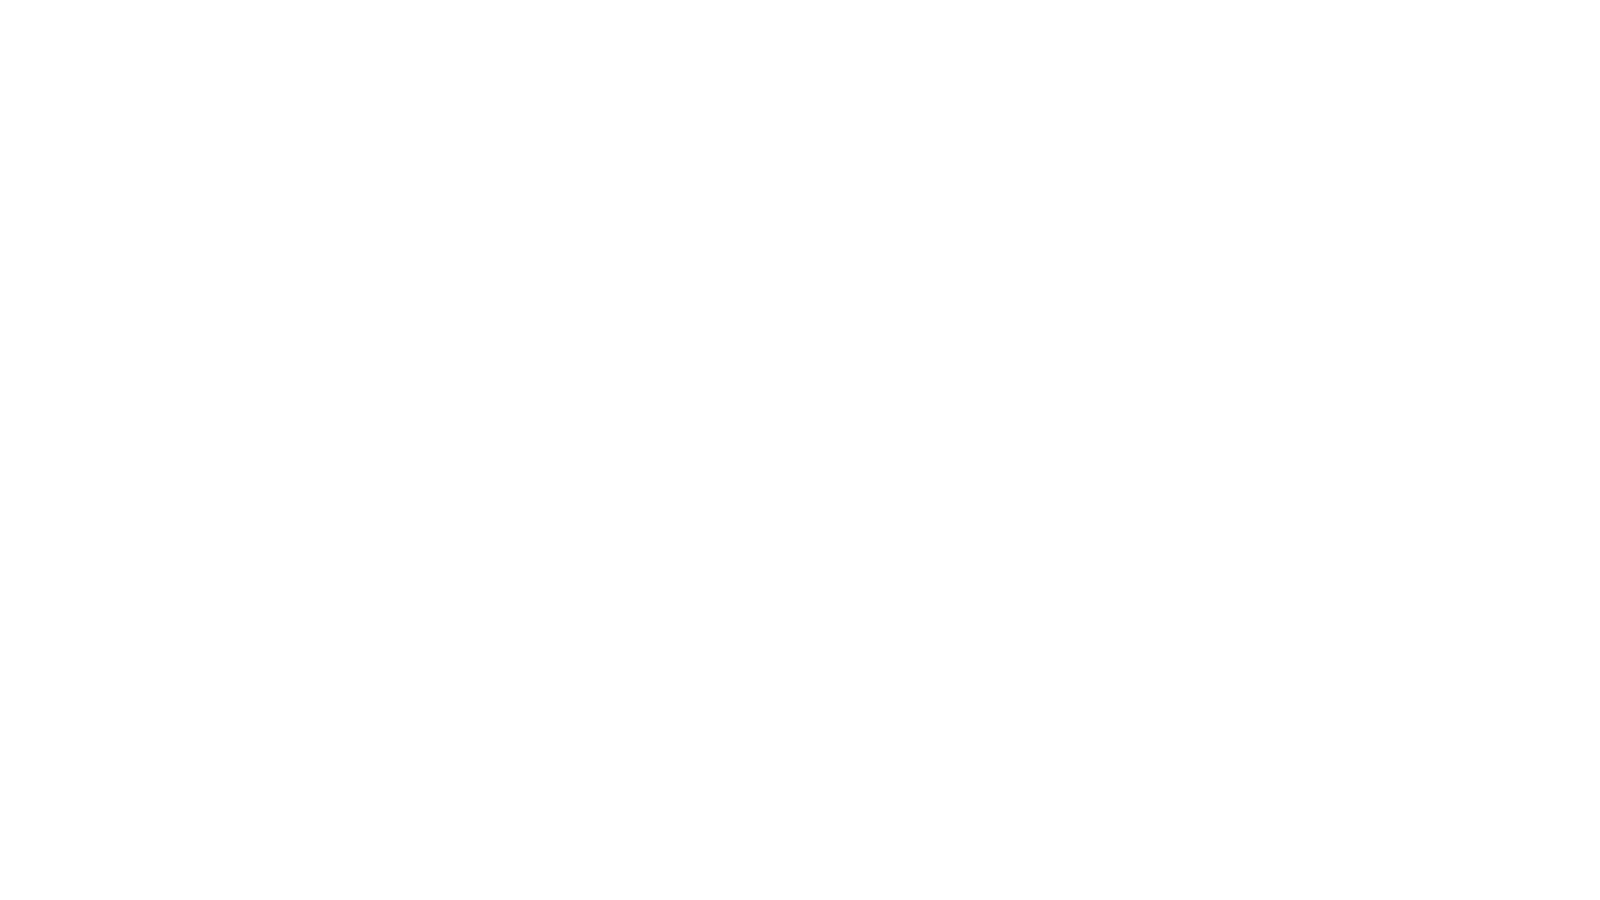 De korte film is gemaakt door Suwāsu J. Nikku en Tom Pijnenburg. Adaptatie van stadsgedicht III van A.H.J. Dautzenberg.